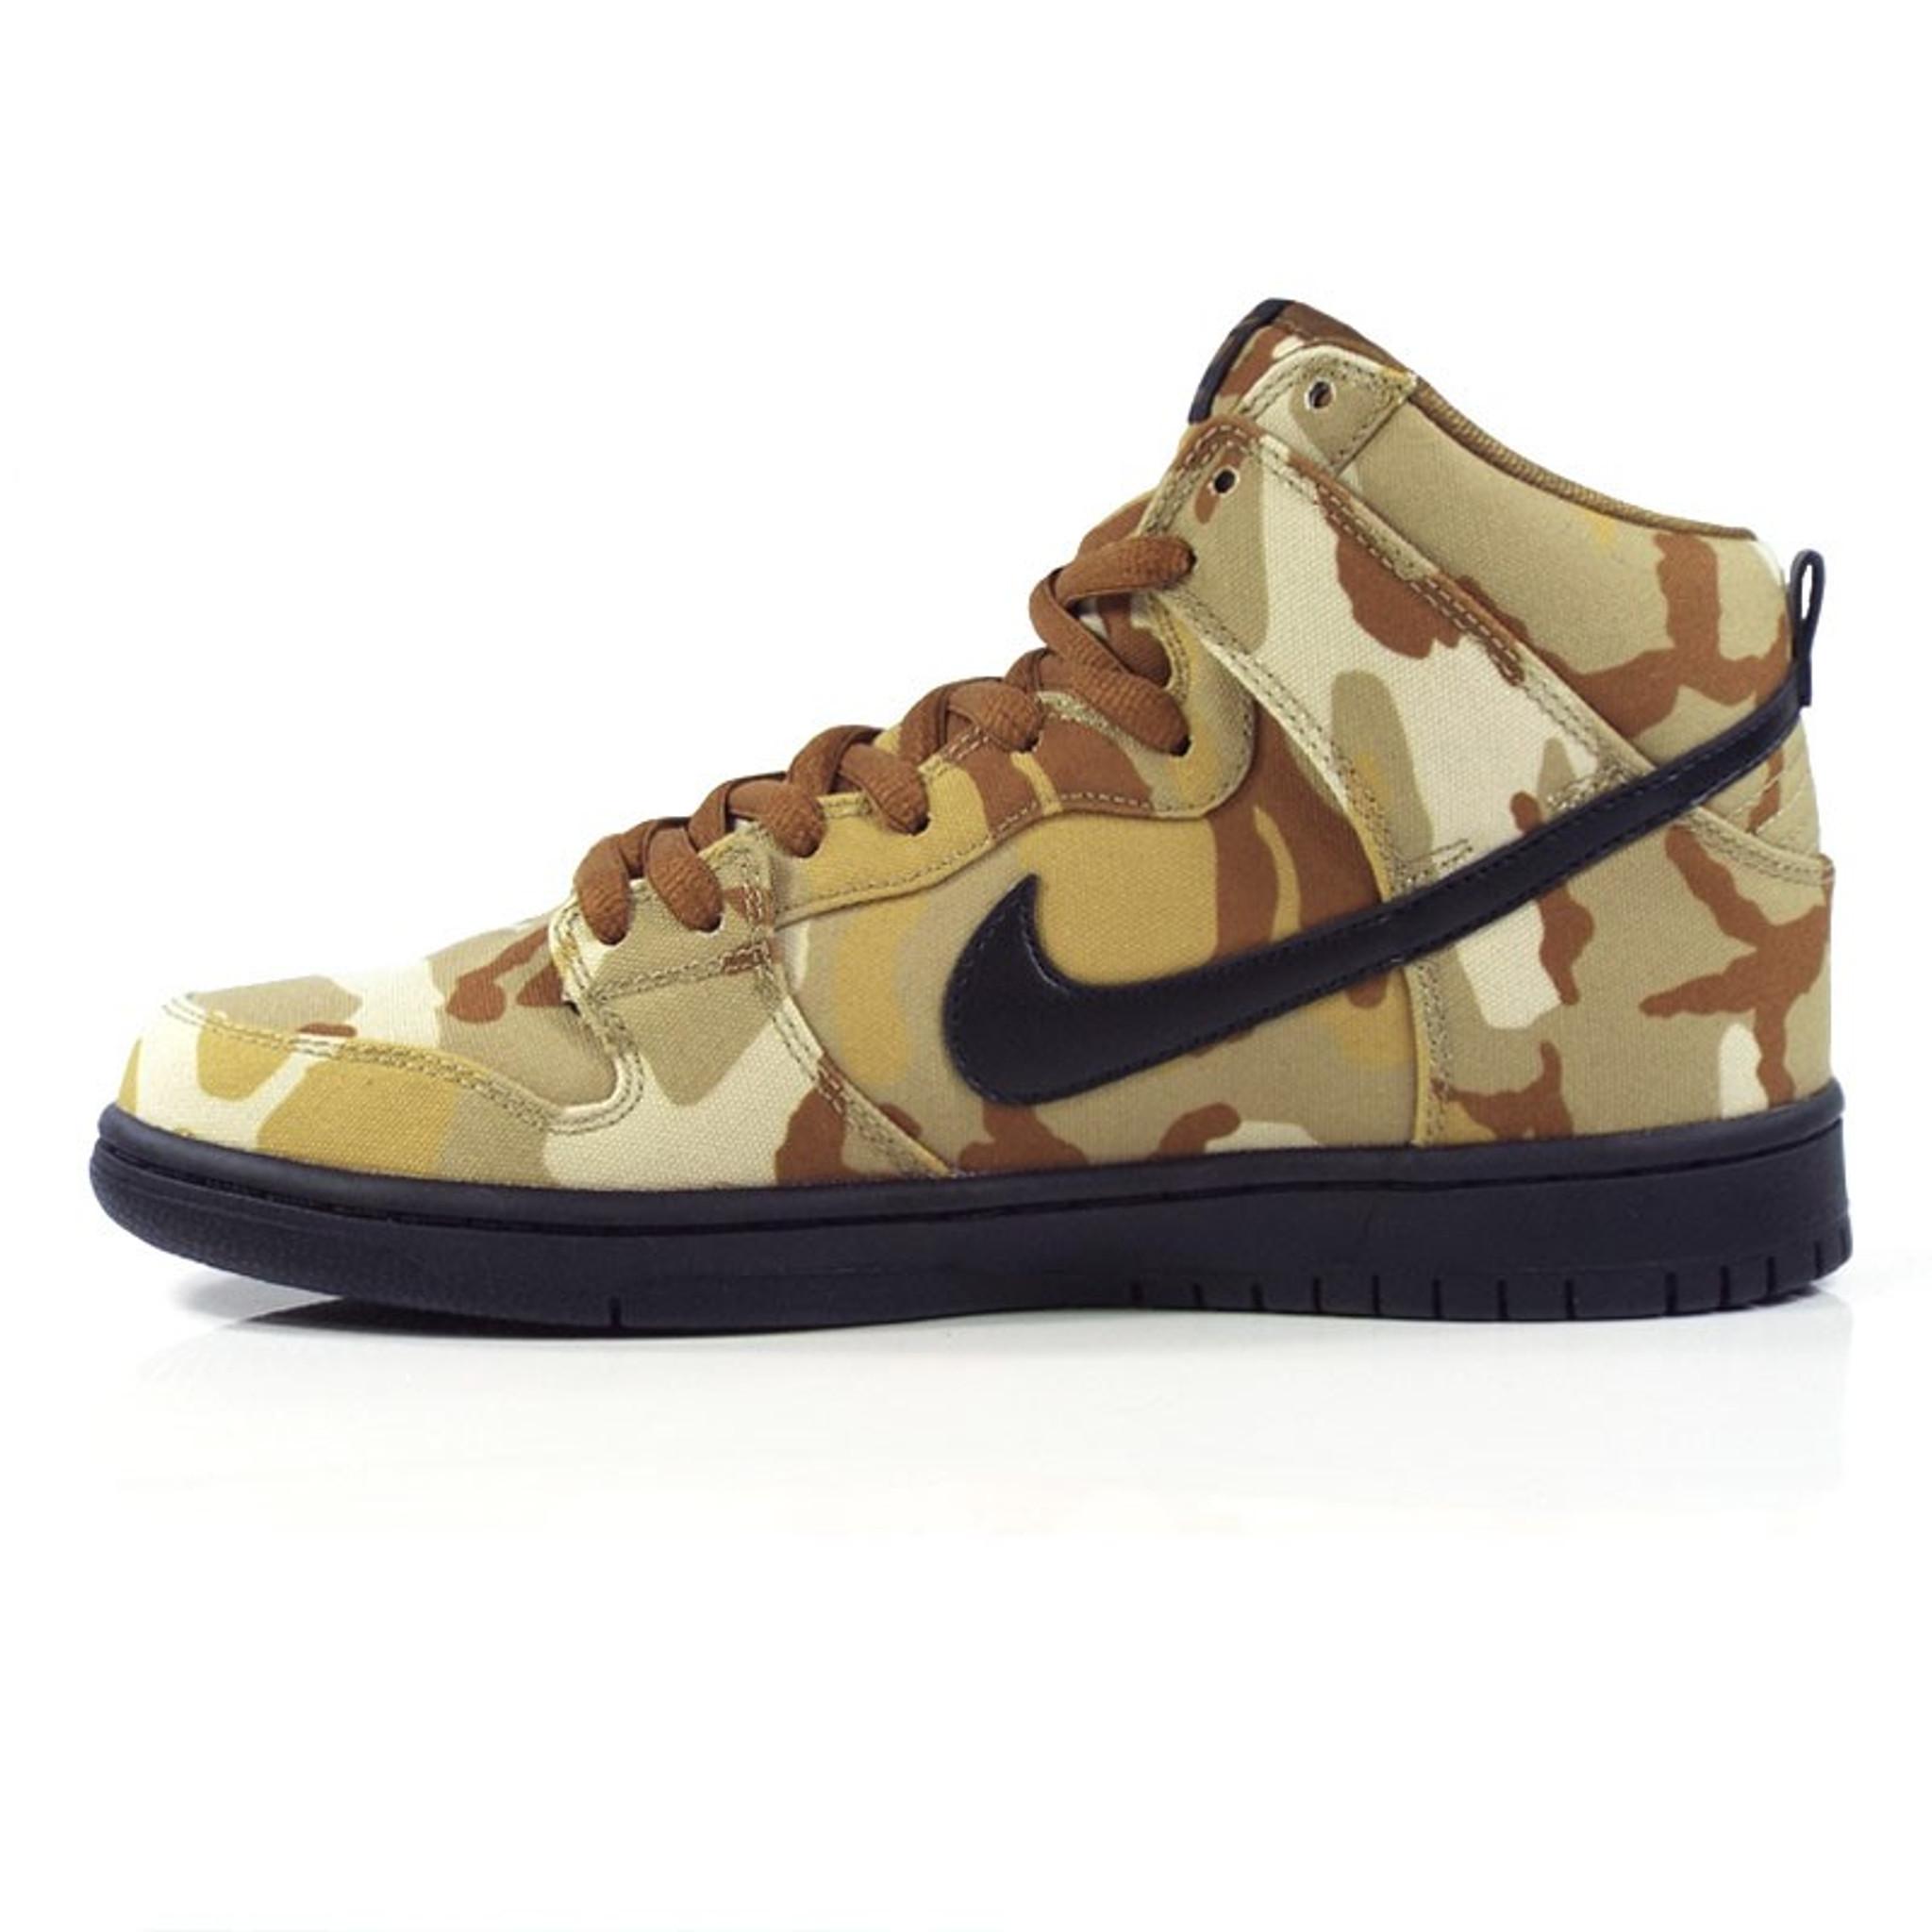 sale retailer f97fd 85f21 Nike SB Zoom Dunk High Pro Shoes - Parachute Beige/Black-Ale Brown